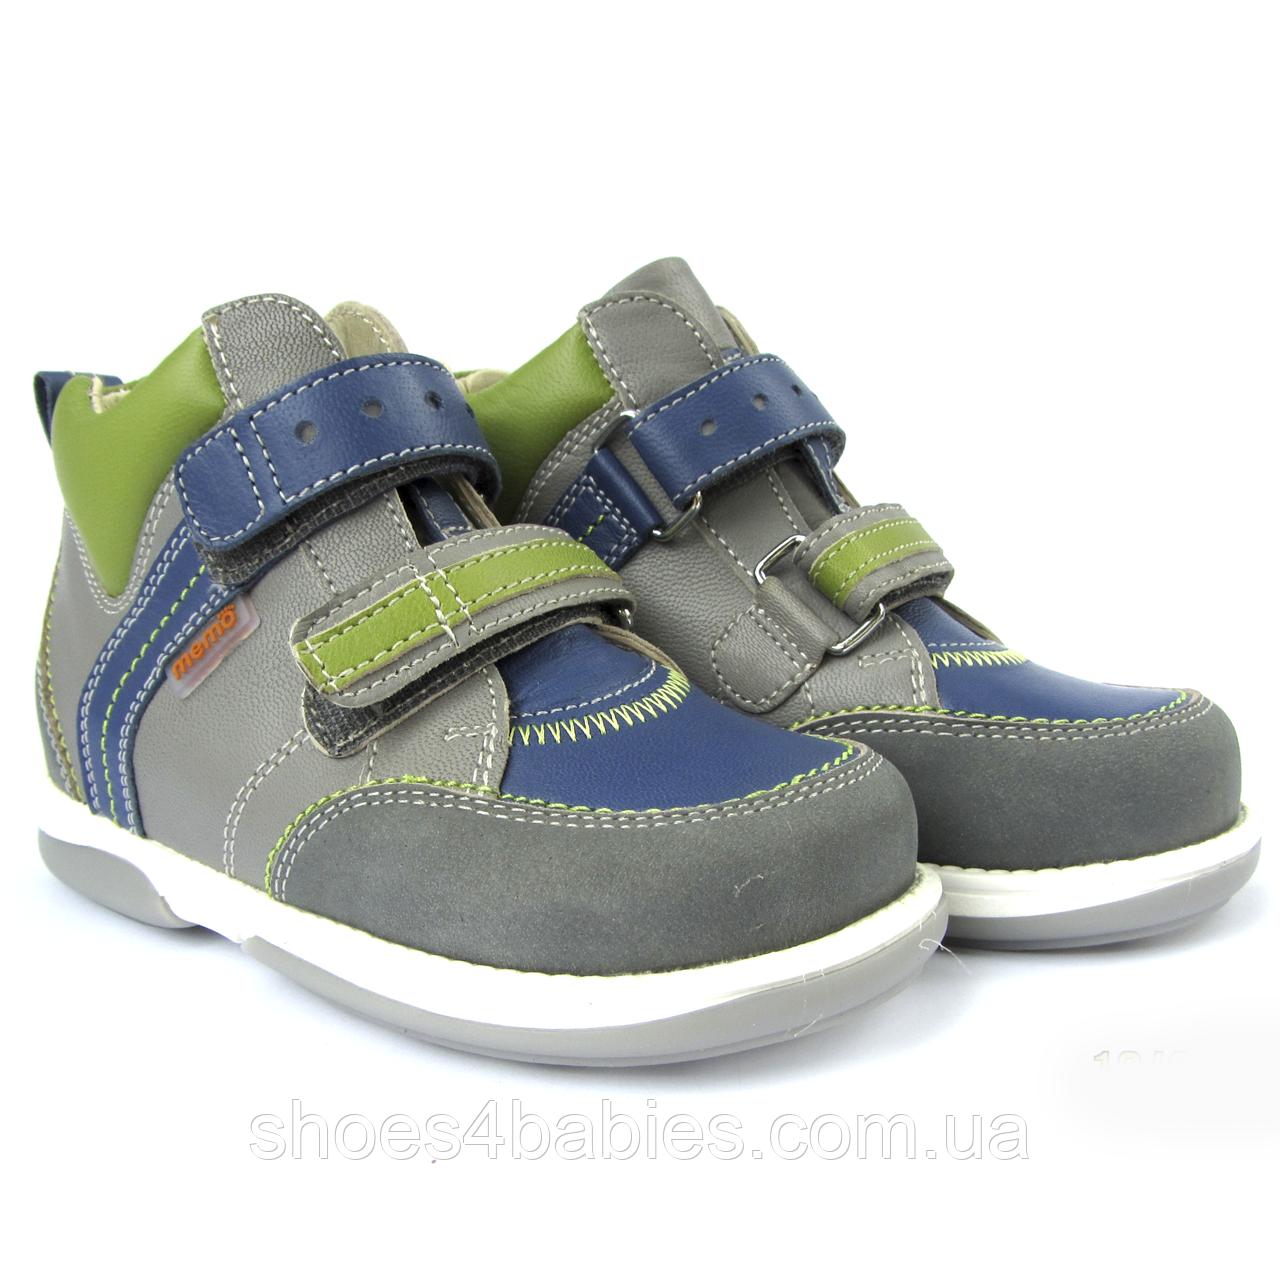 Memo Polo Junior Серый Синий Зеленый - Ортопедические кроссовки для детей 23